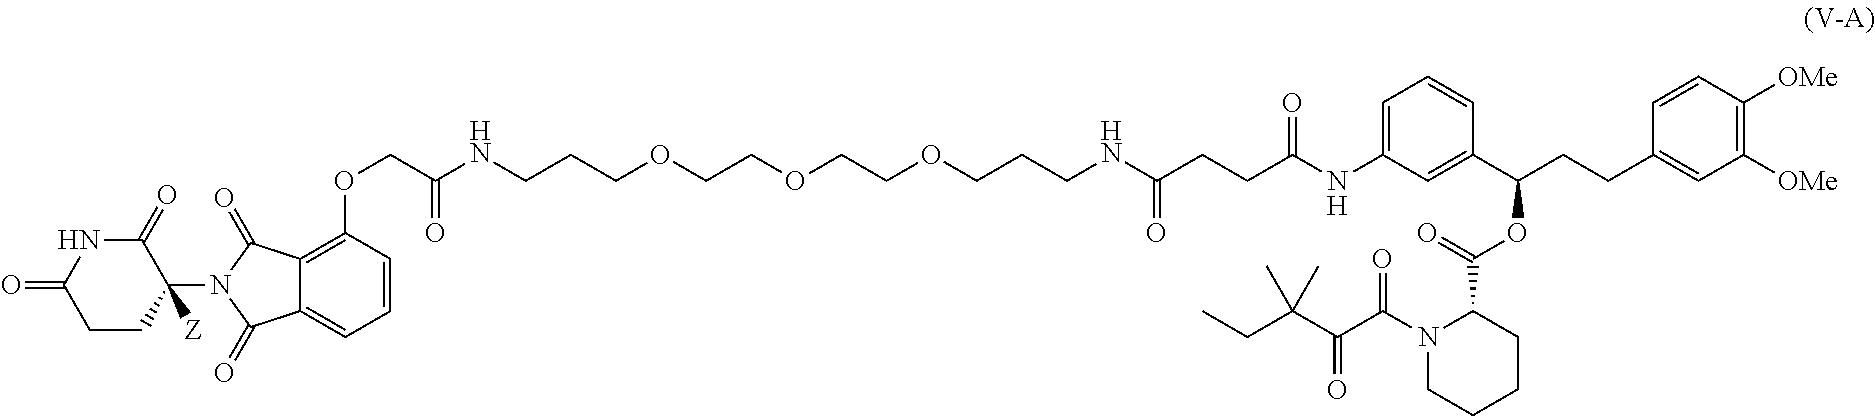 Figure US09809603-20171107-C00062